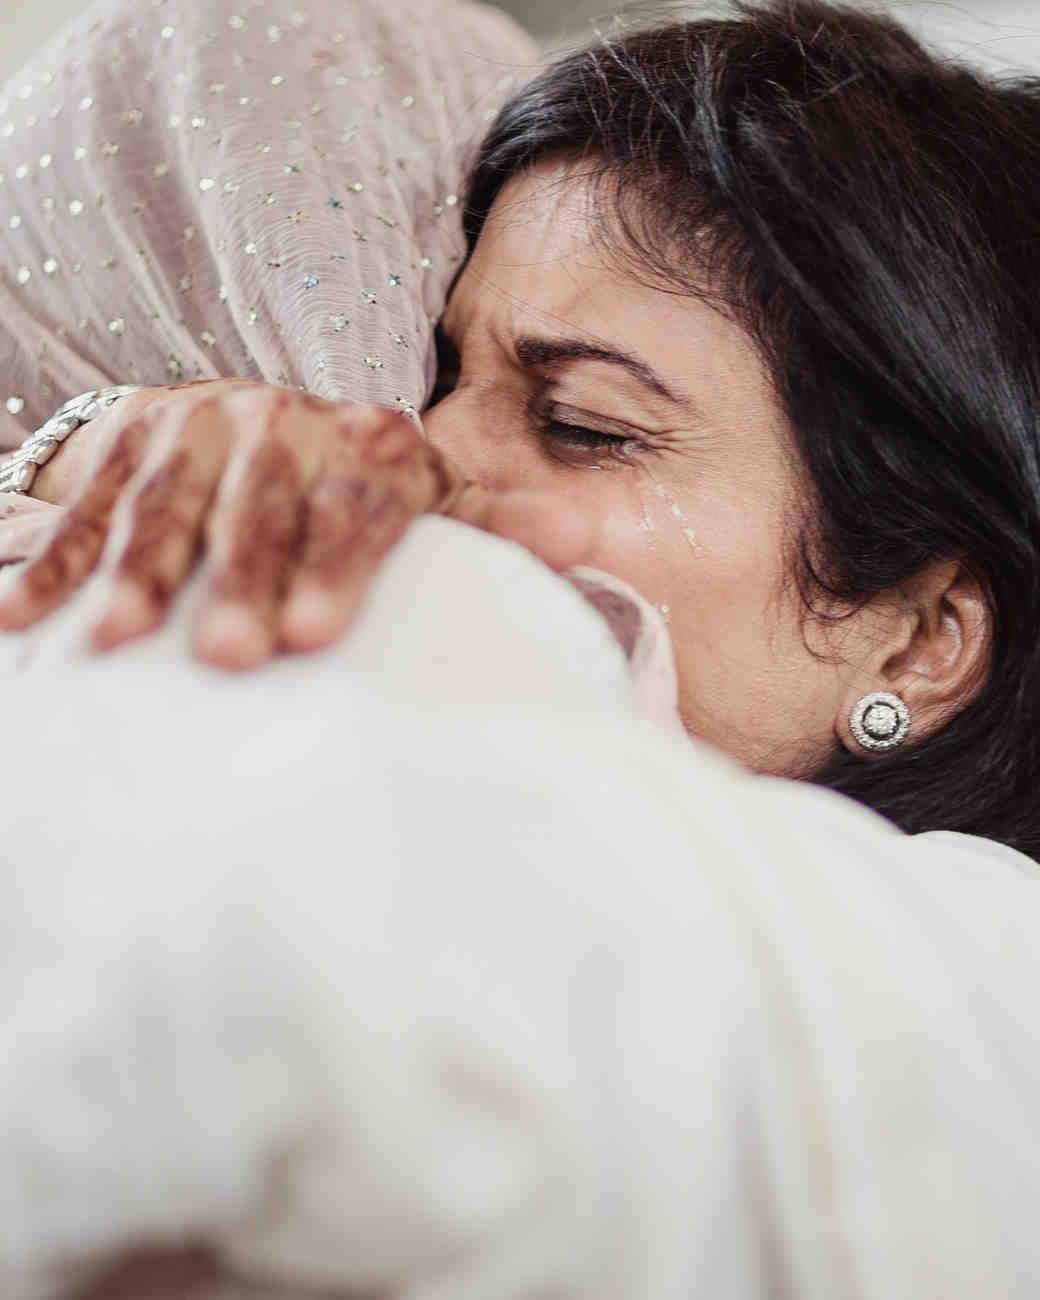 dia-das-maes-17_30 Dia das Mães - Amor e Emoção, uma homenagem singela